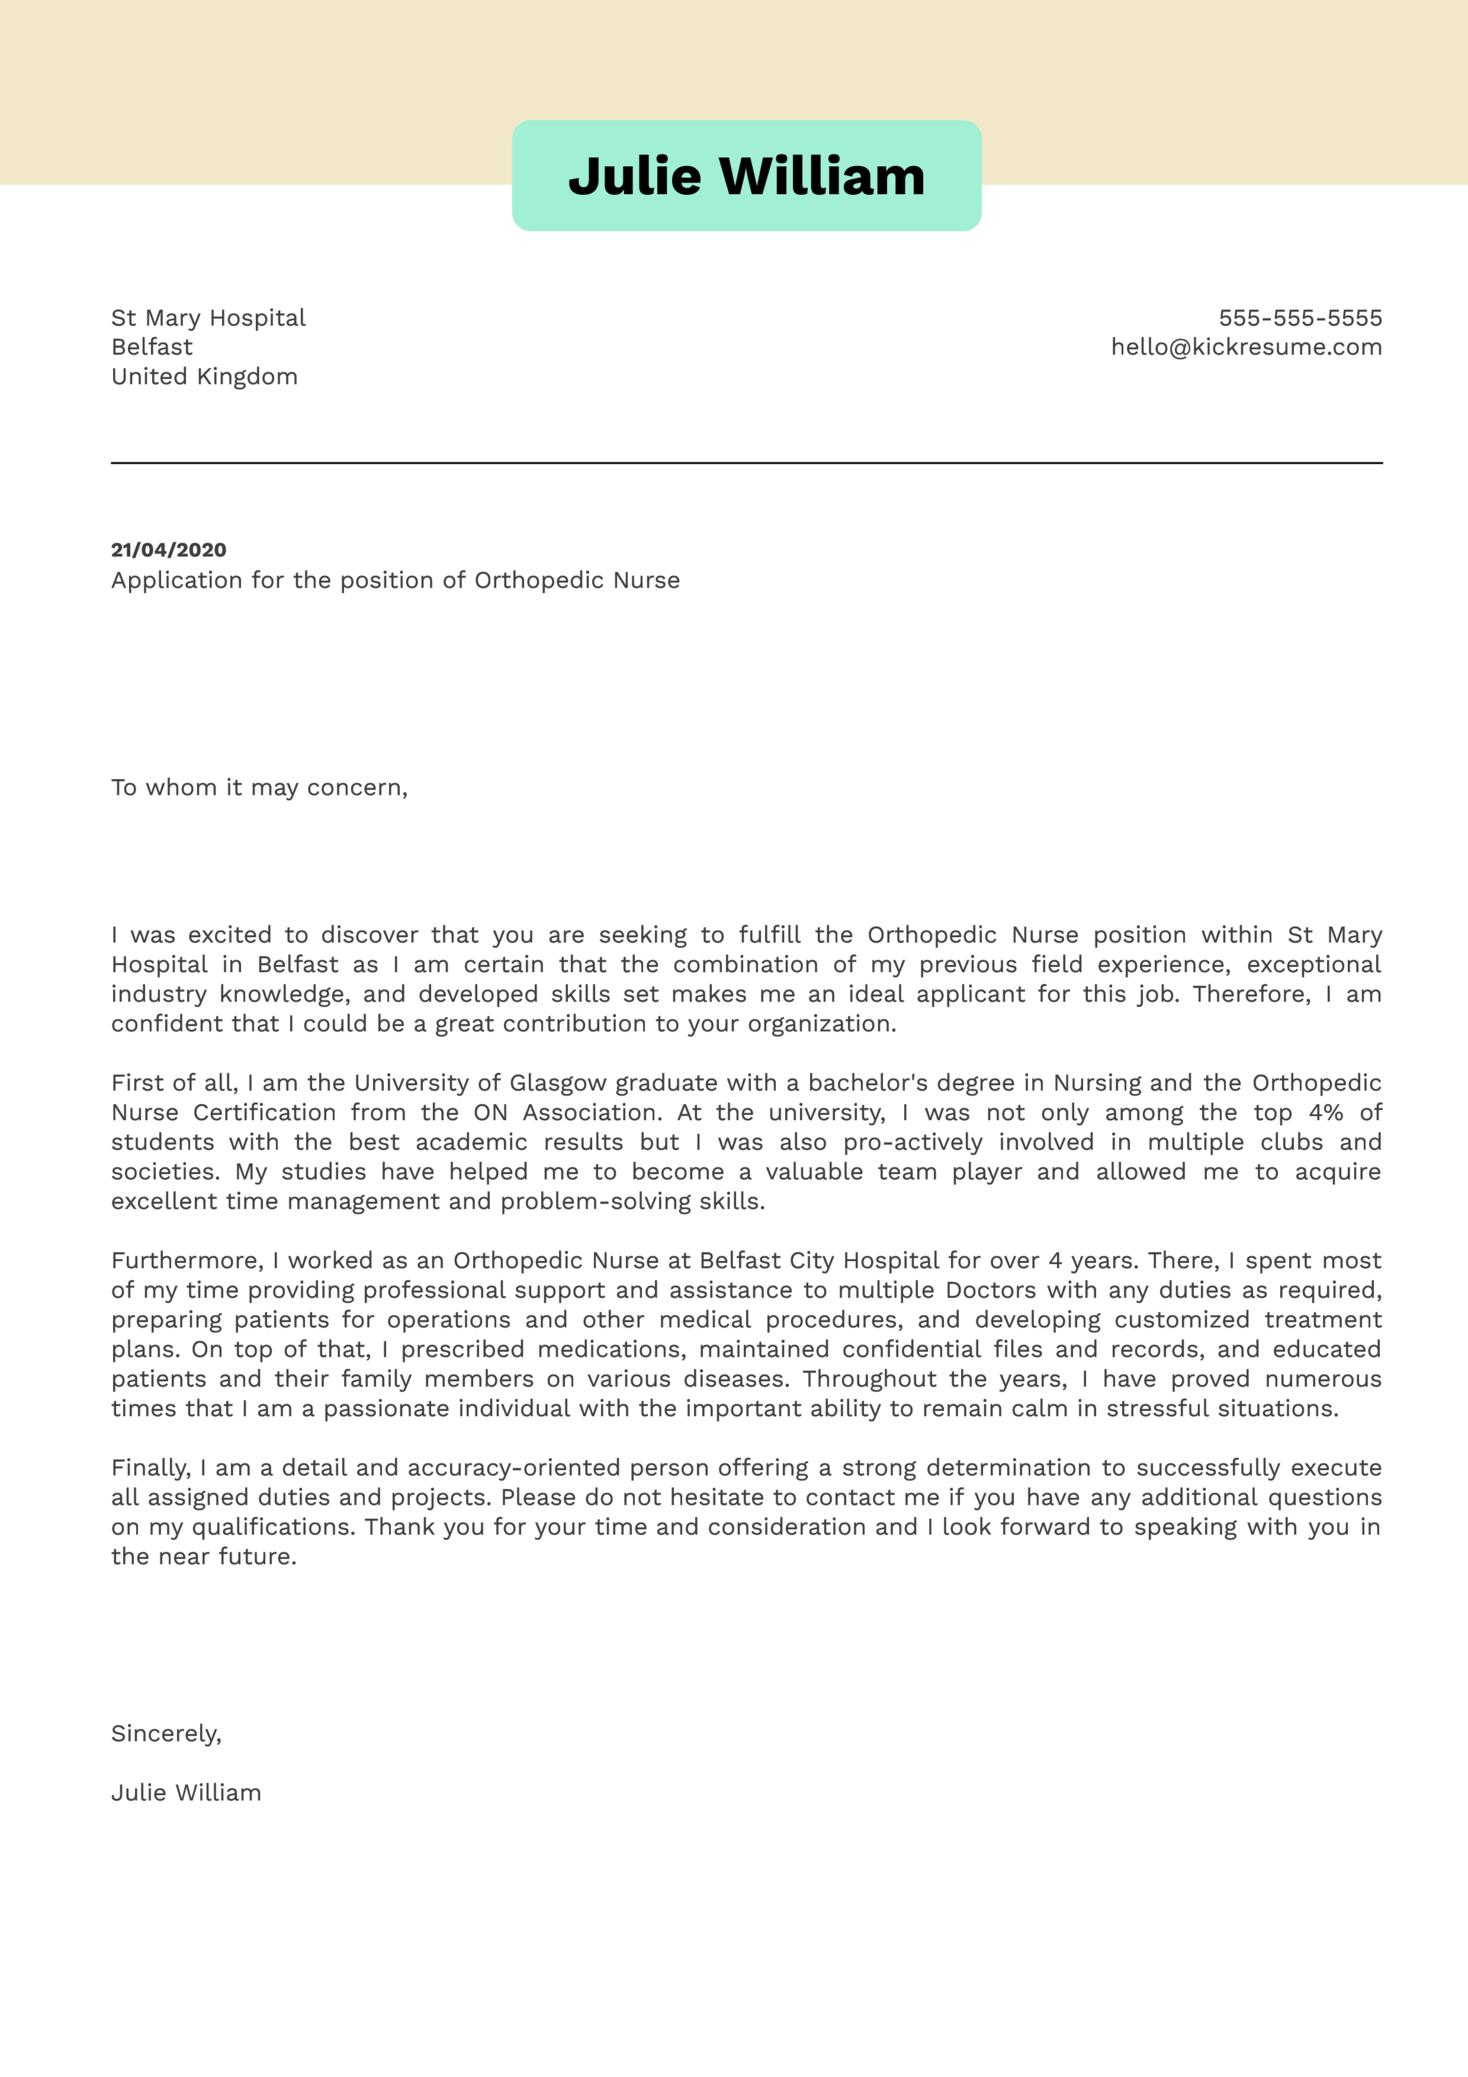 Orthopedic Nurse Cover Letter Sample   Kickresume